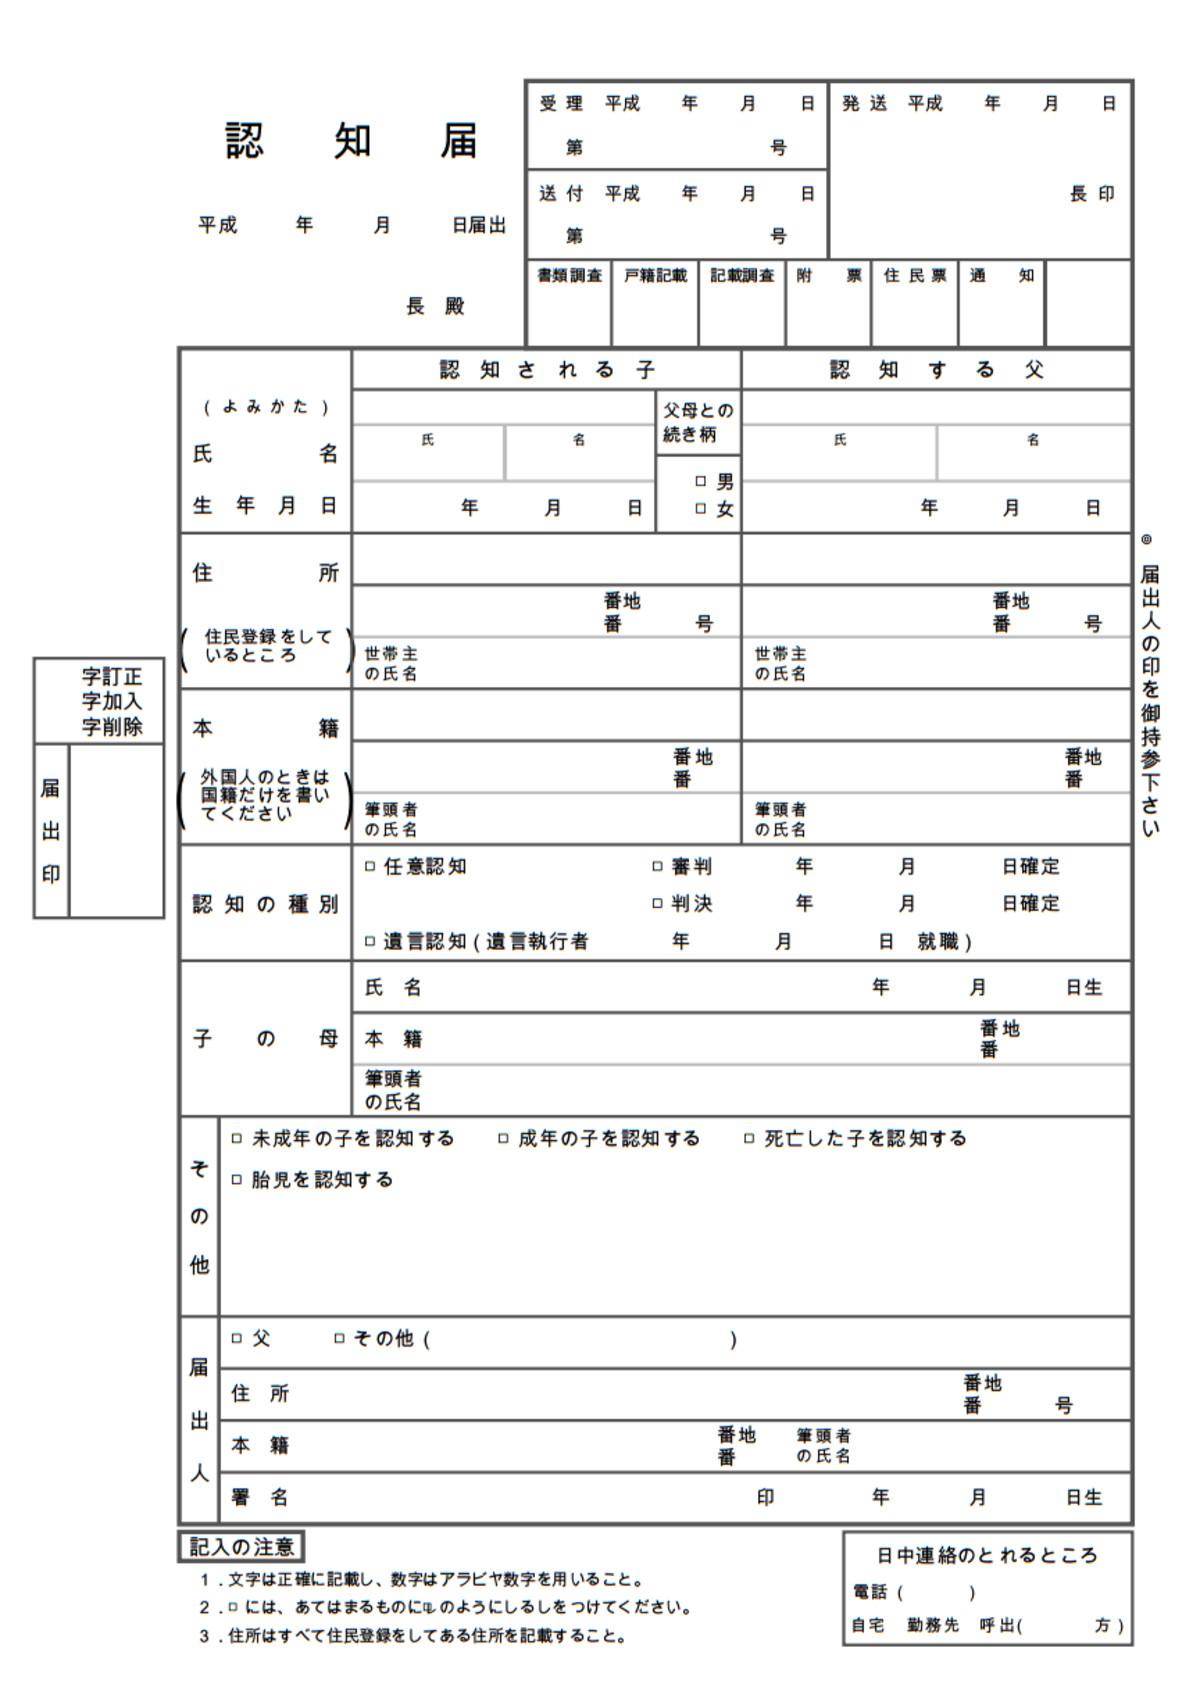 認知届のイメージ(札幌市ウェブサイトより抜粋、編集部にて作成)